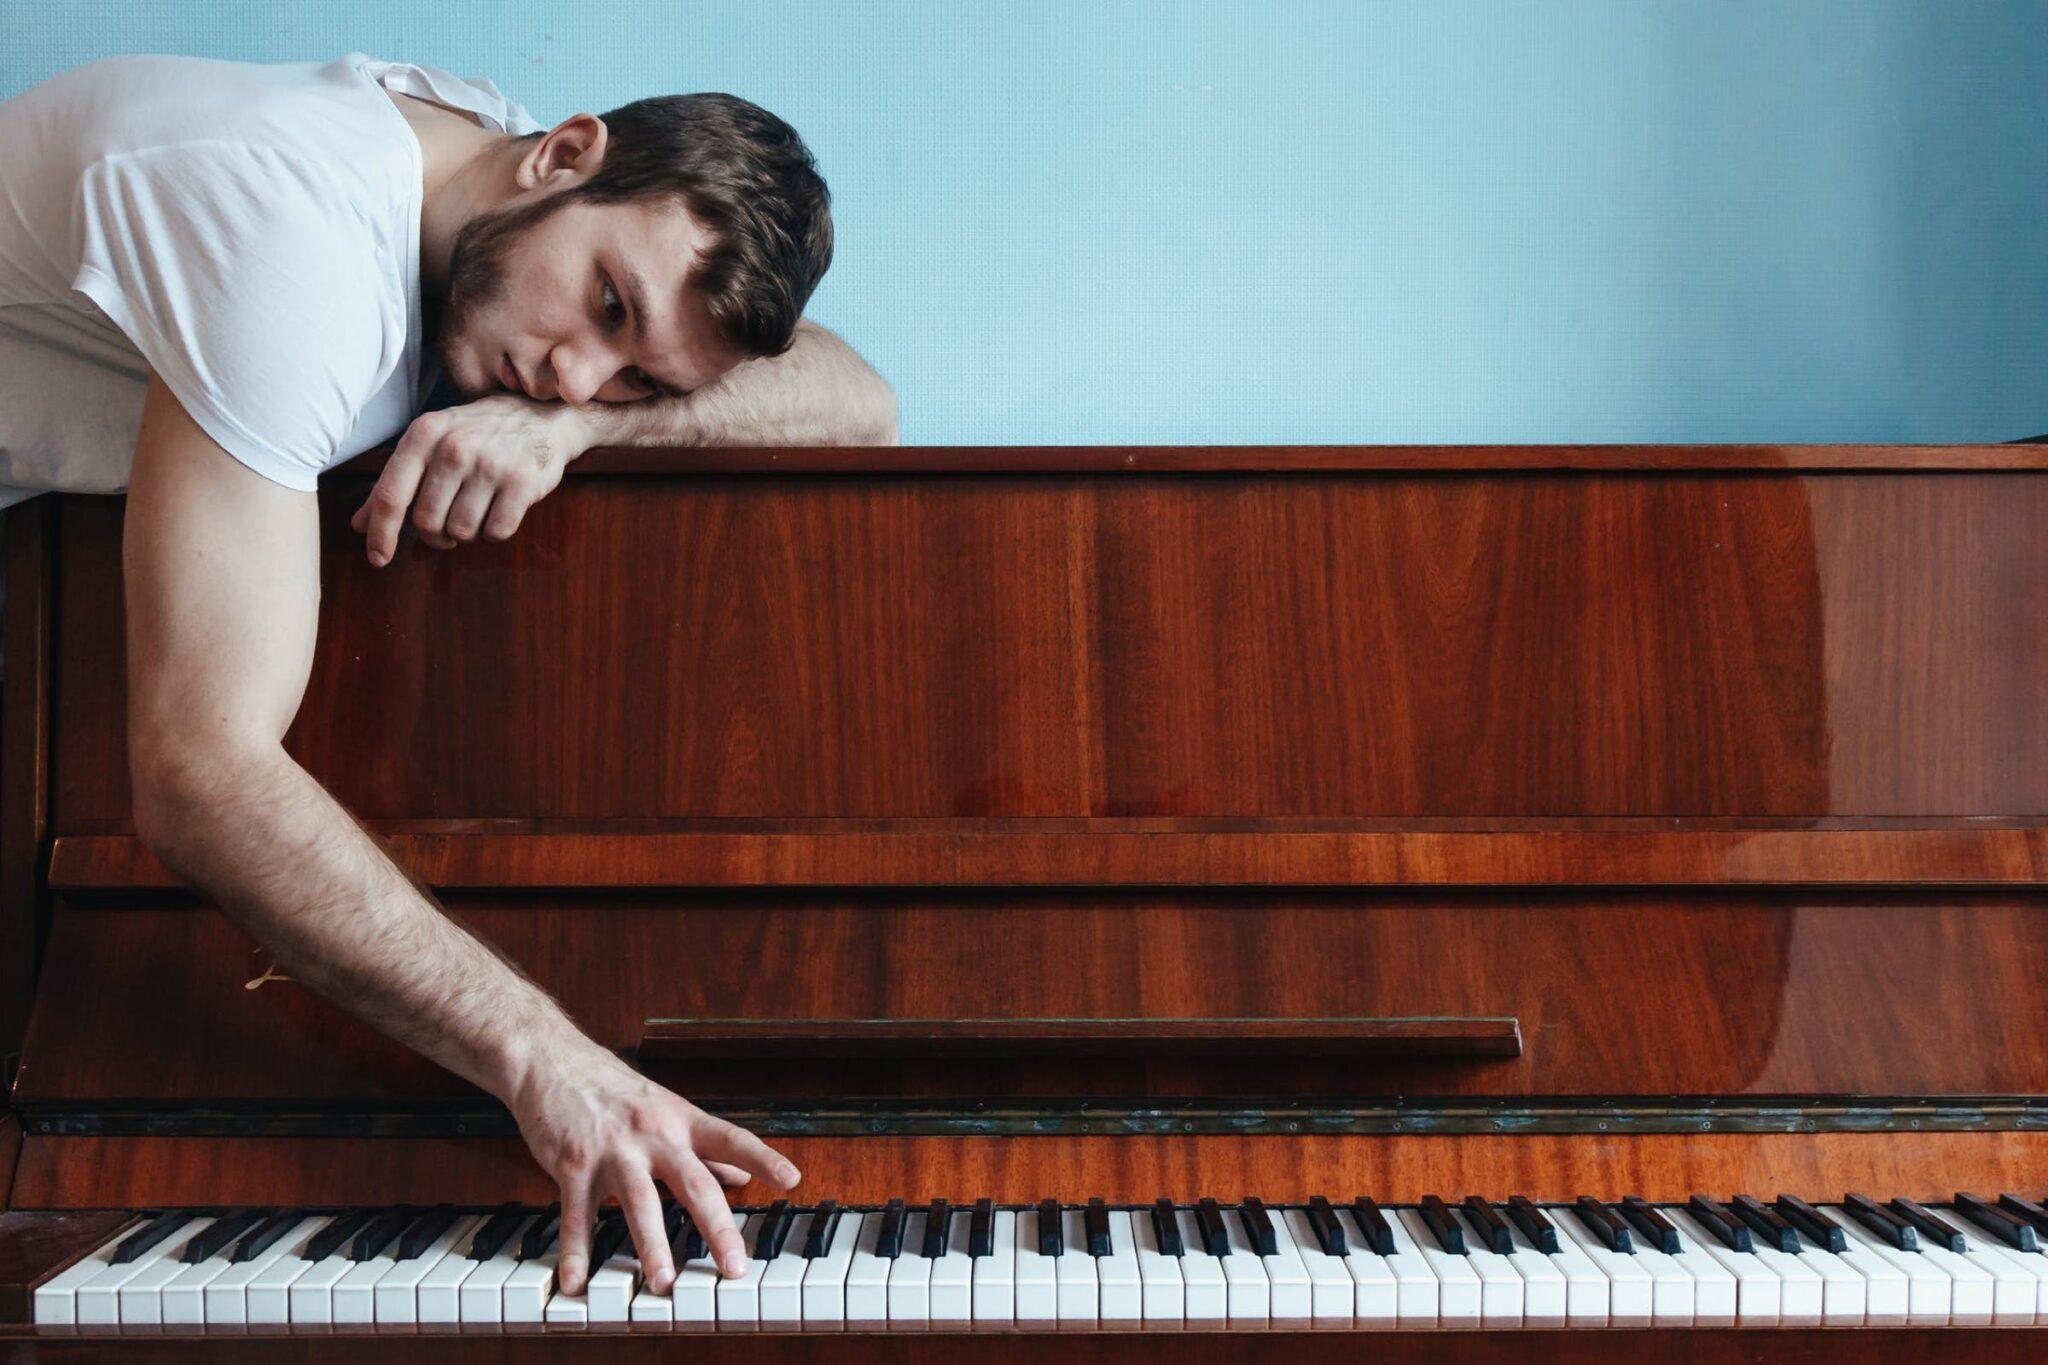 L'improvisation ou l'art de la répartie intelligente